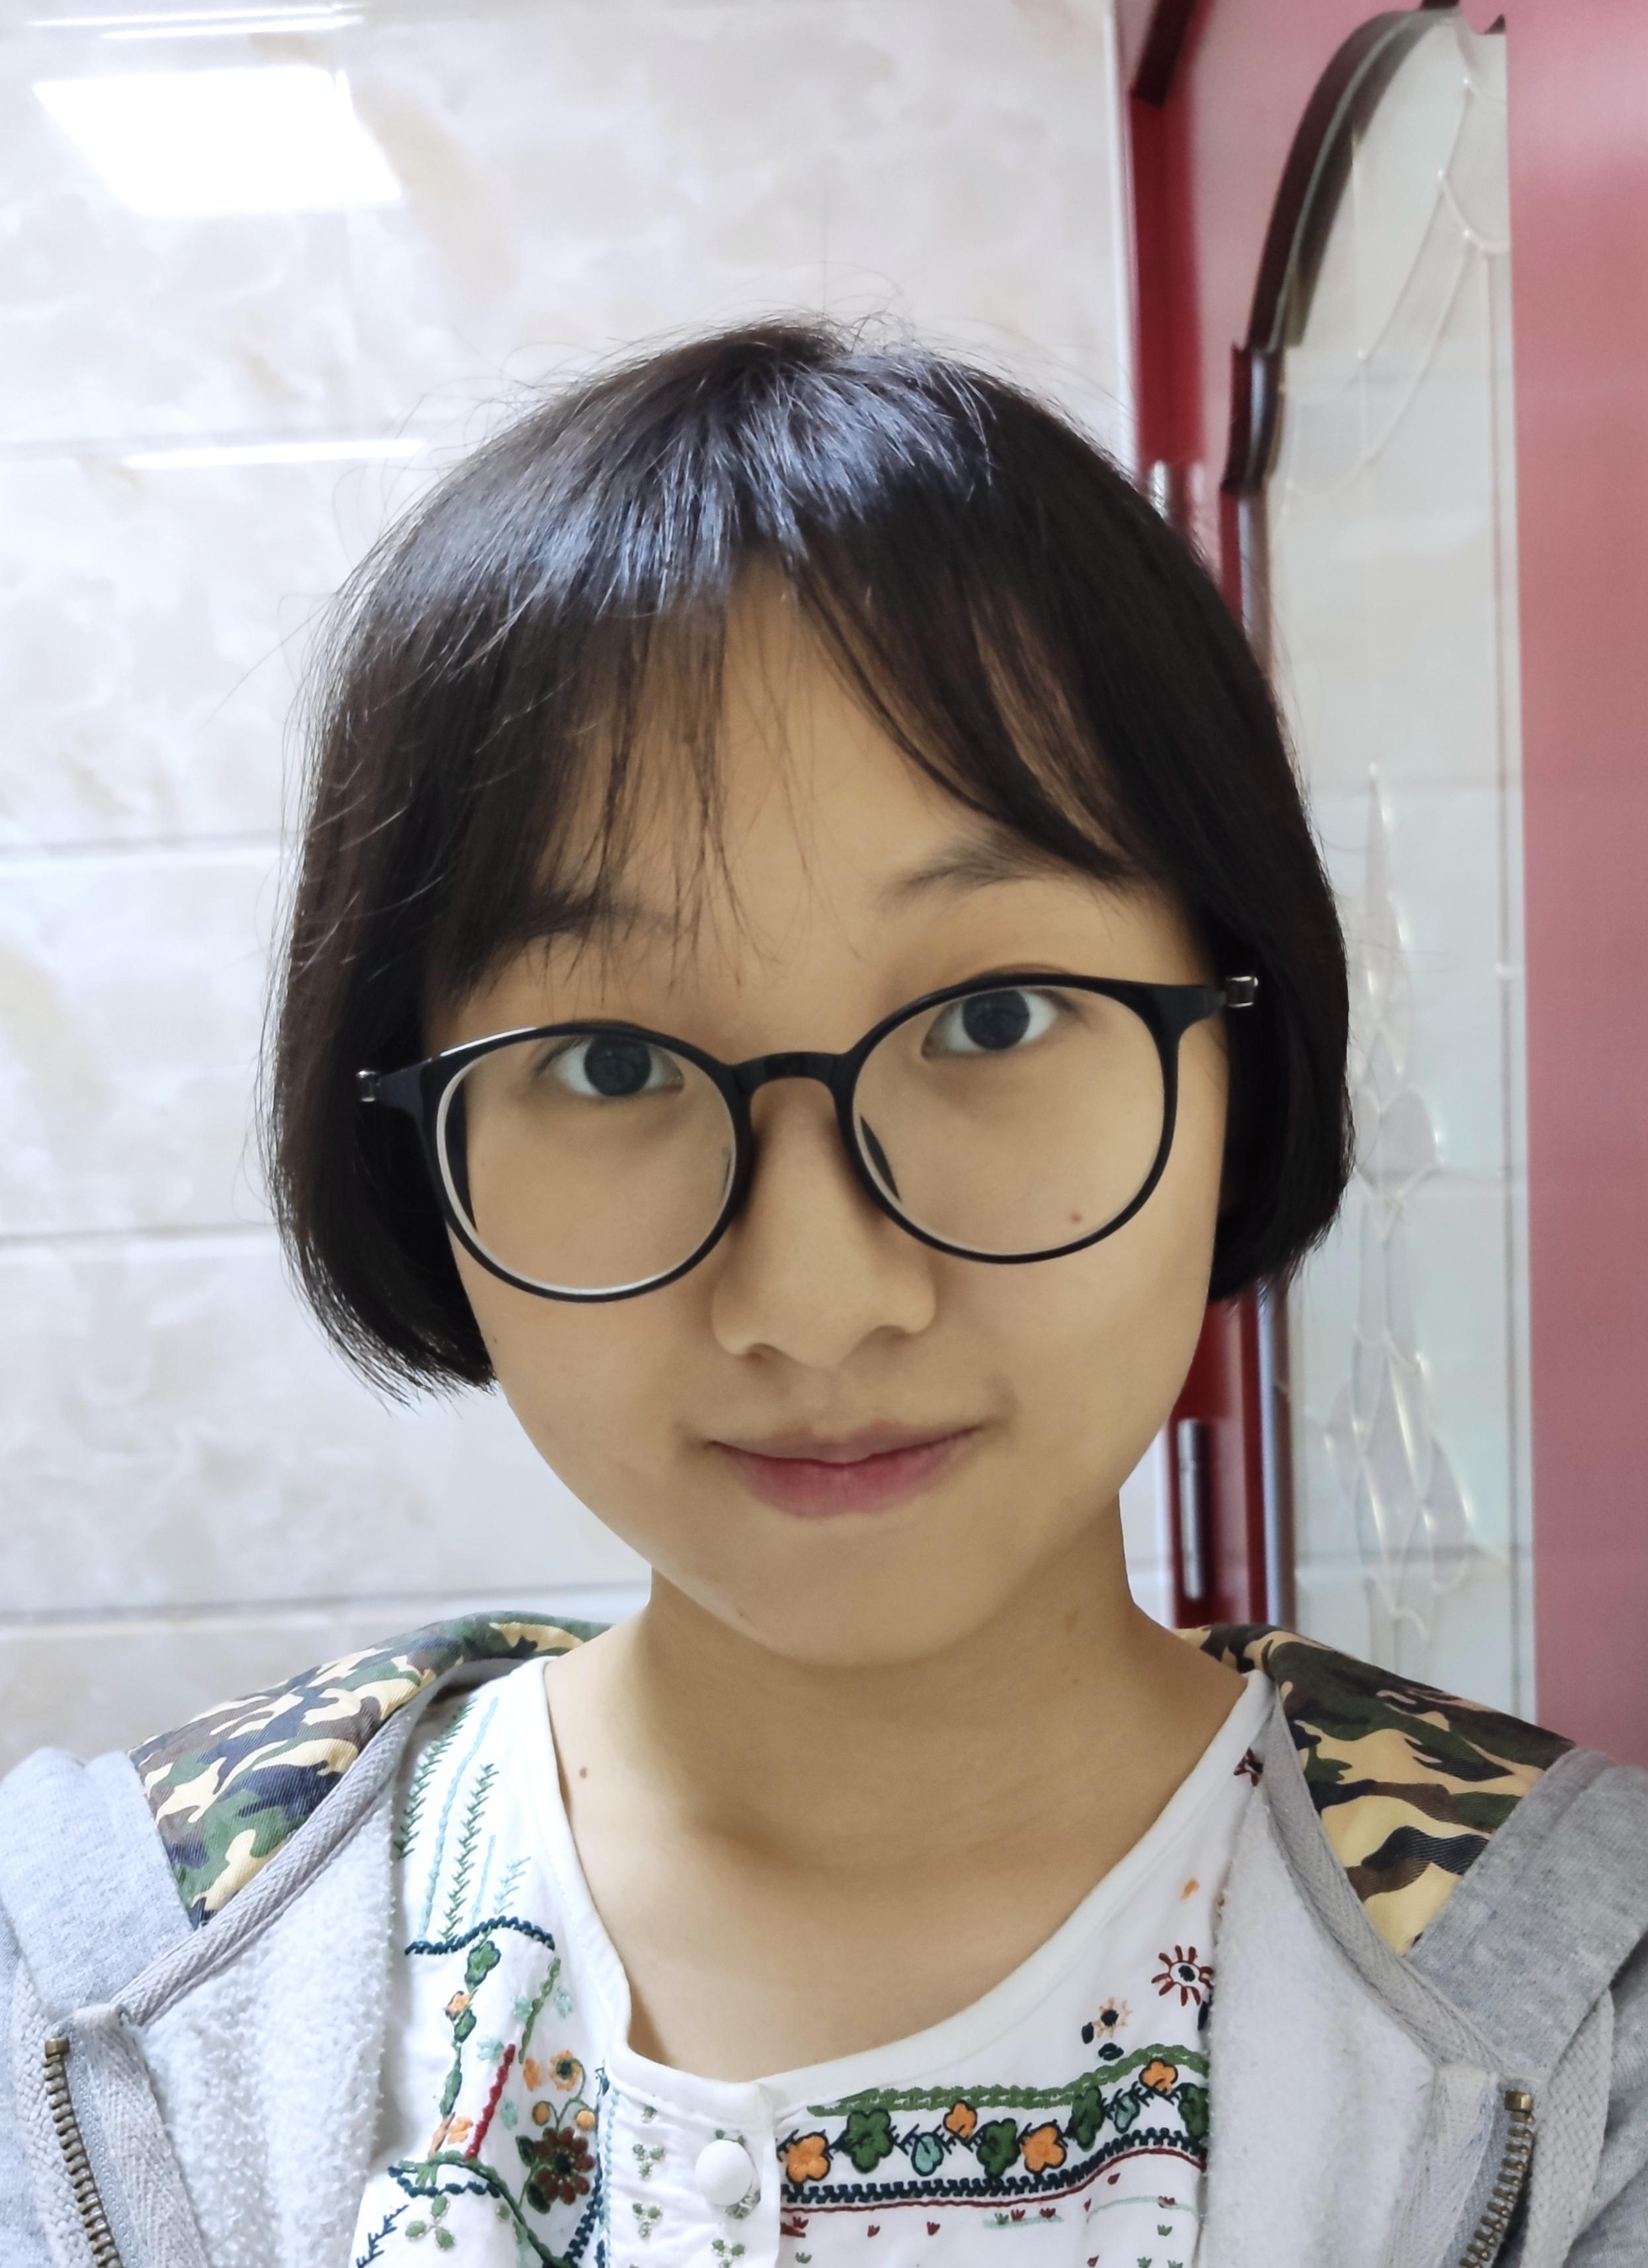 深圳家教蔡教员